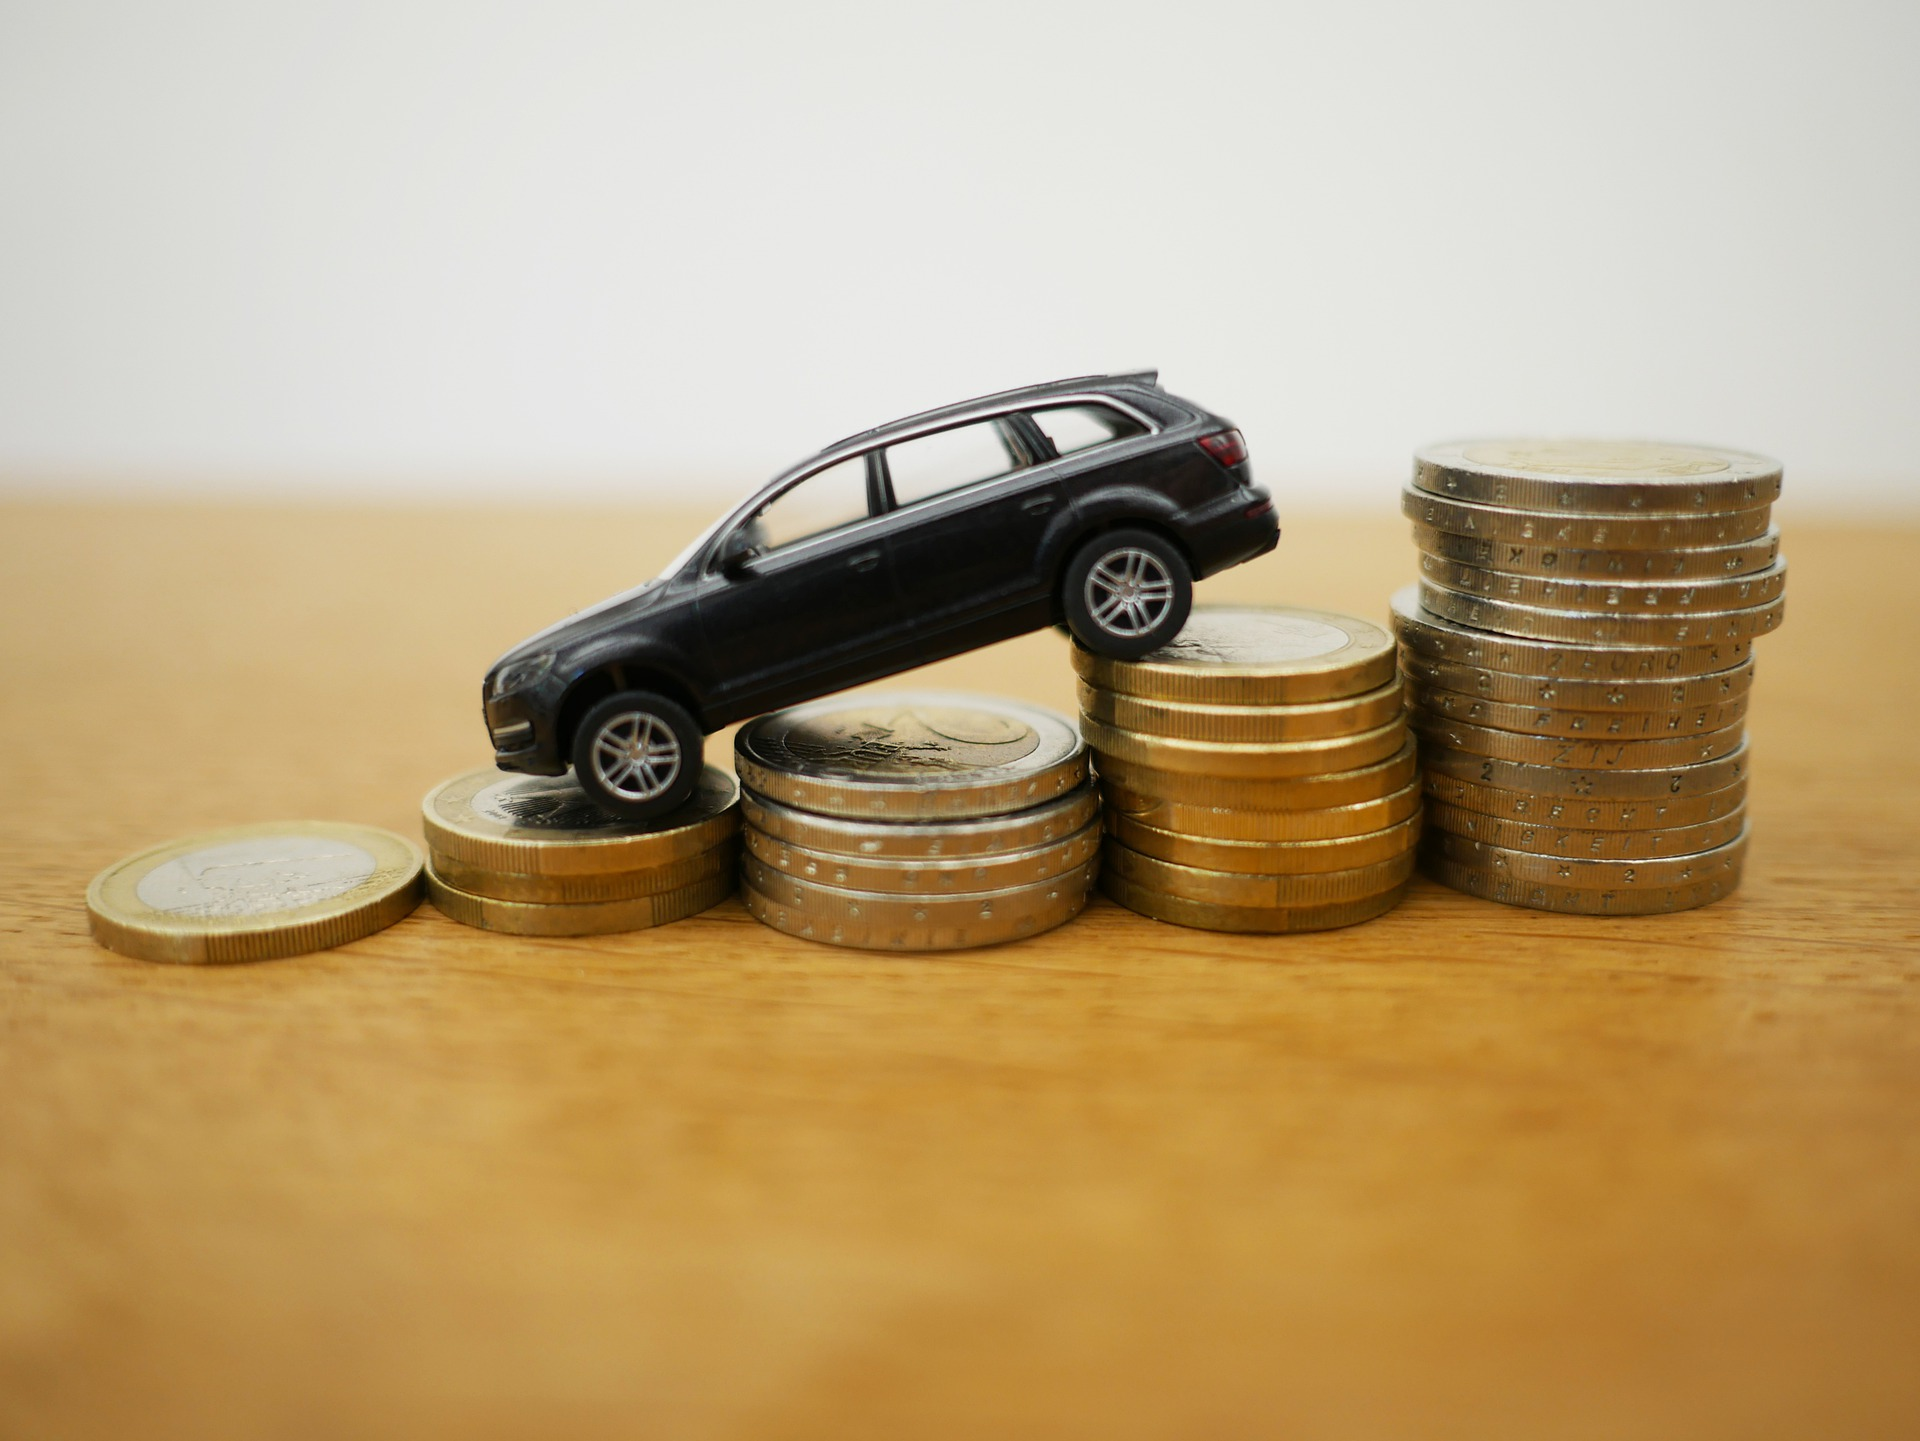 car-finance-4516072_1920.jpg